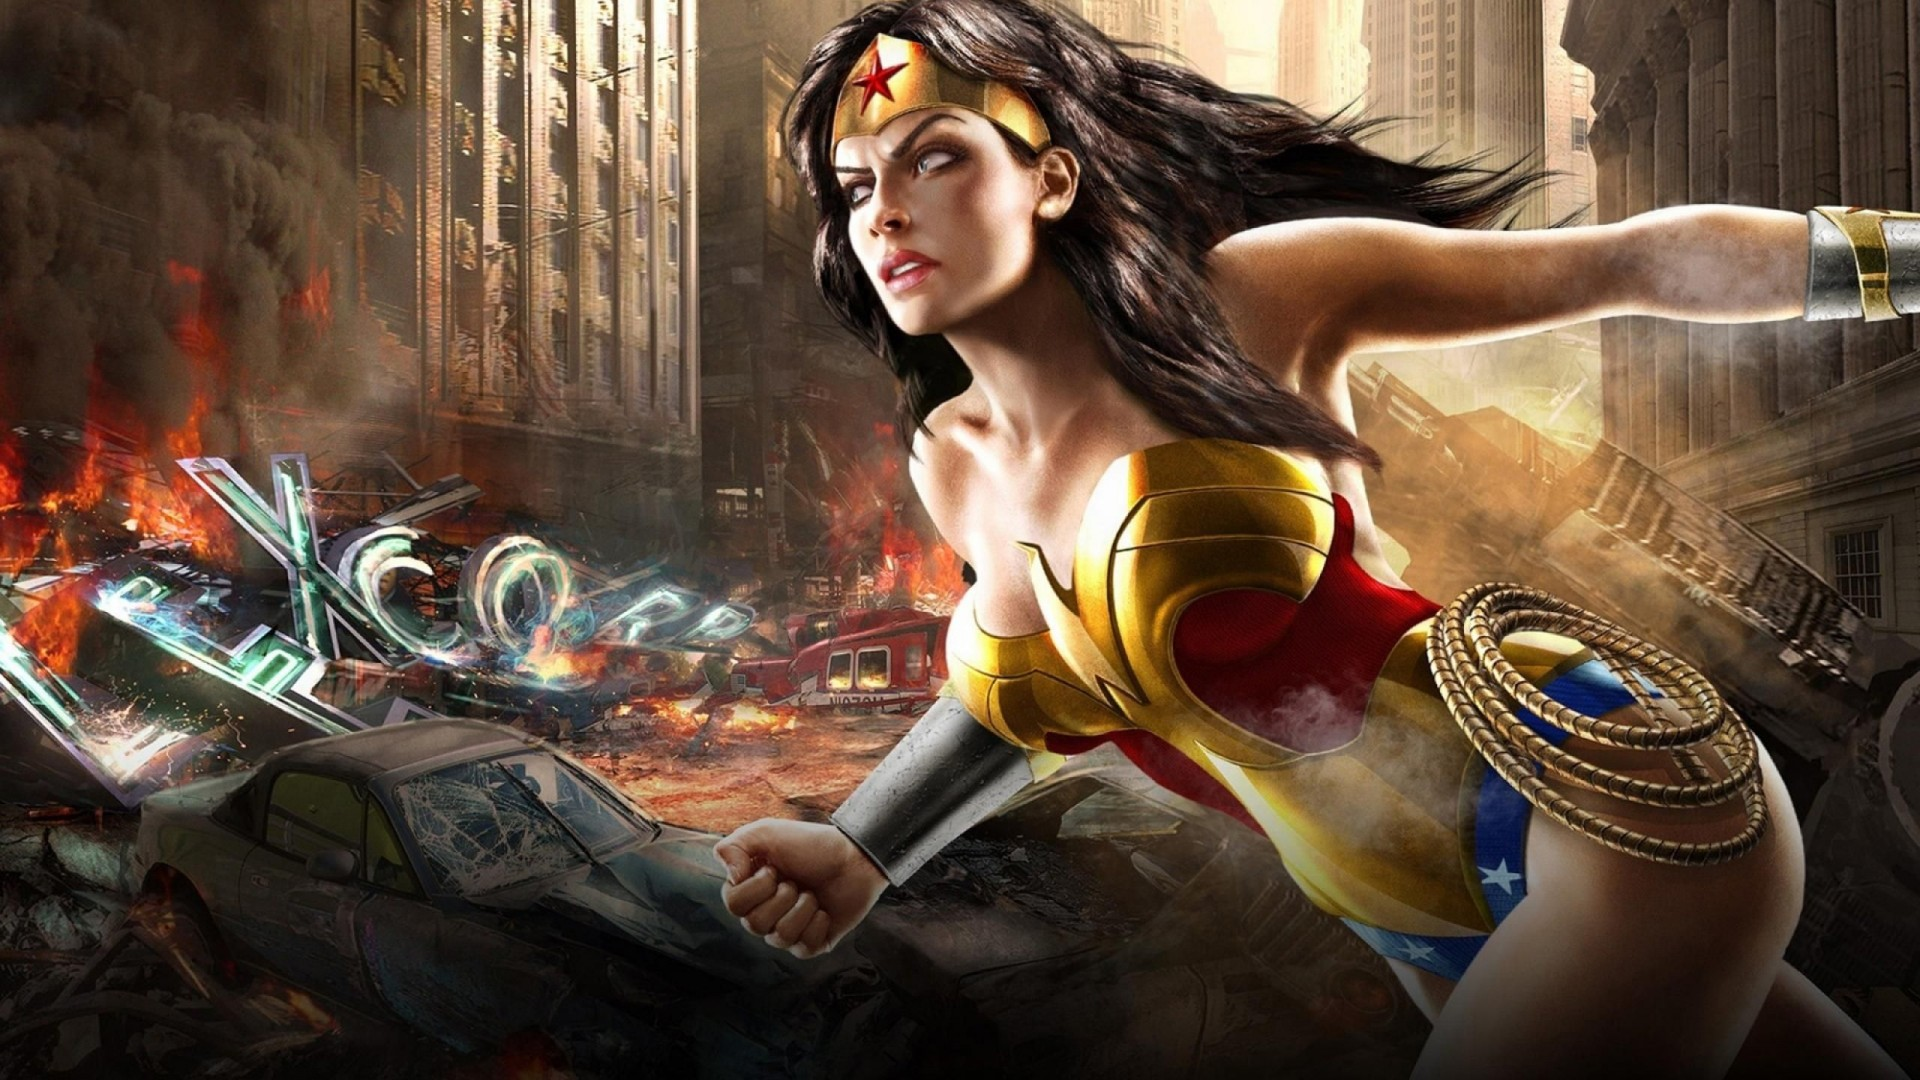 Wonder Woman Il Ricciocorno Schiattoso